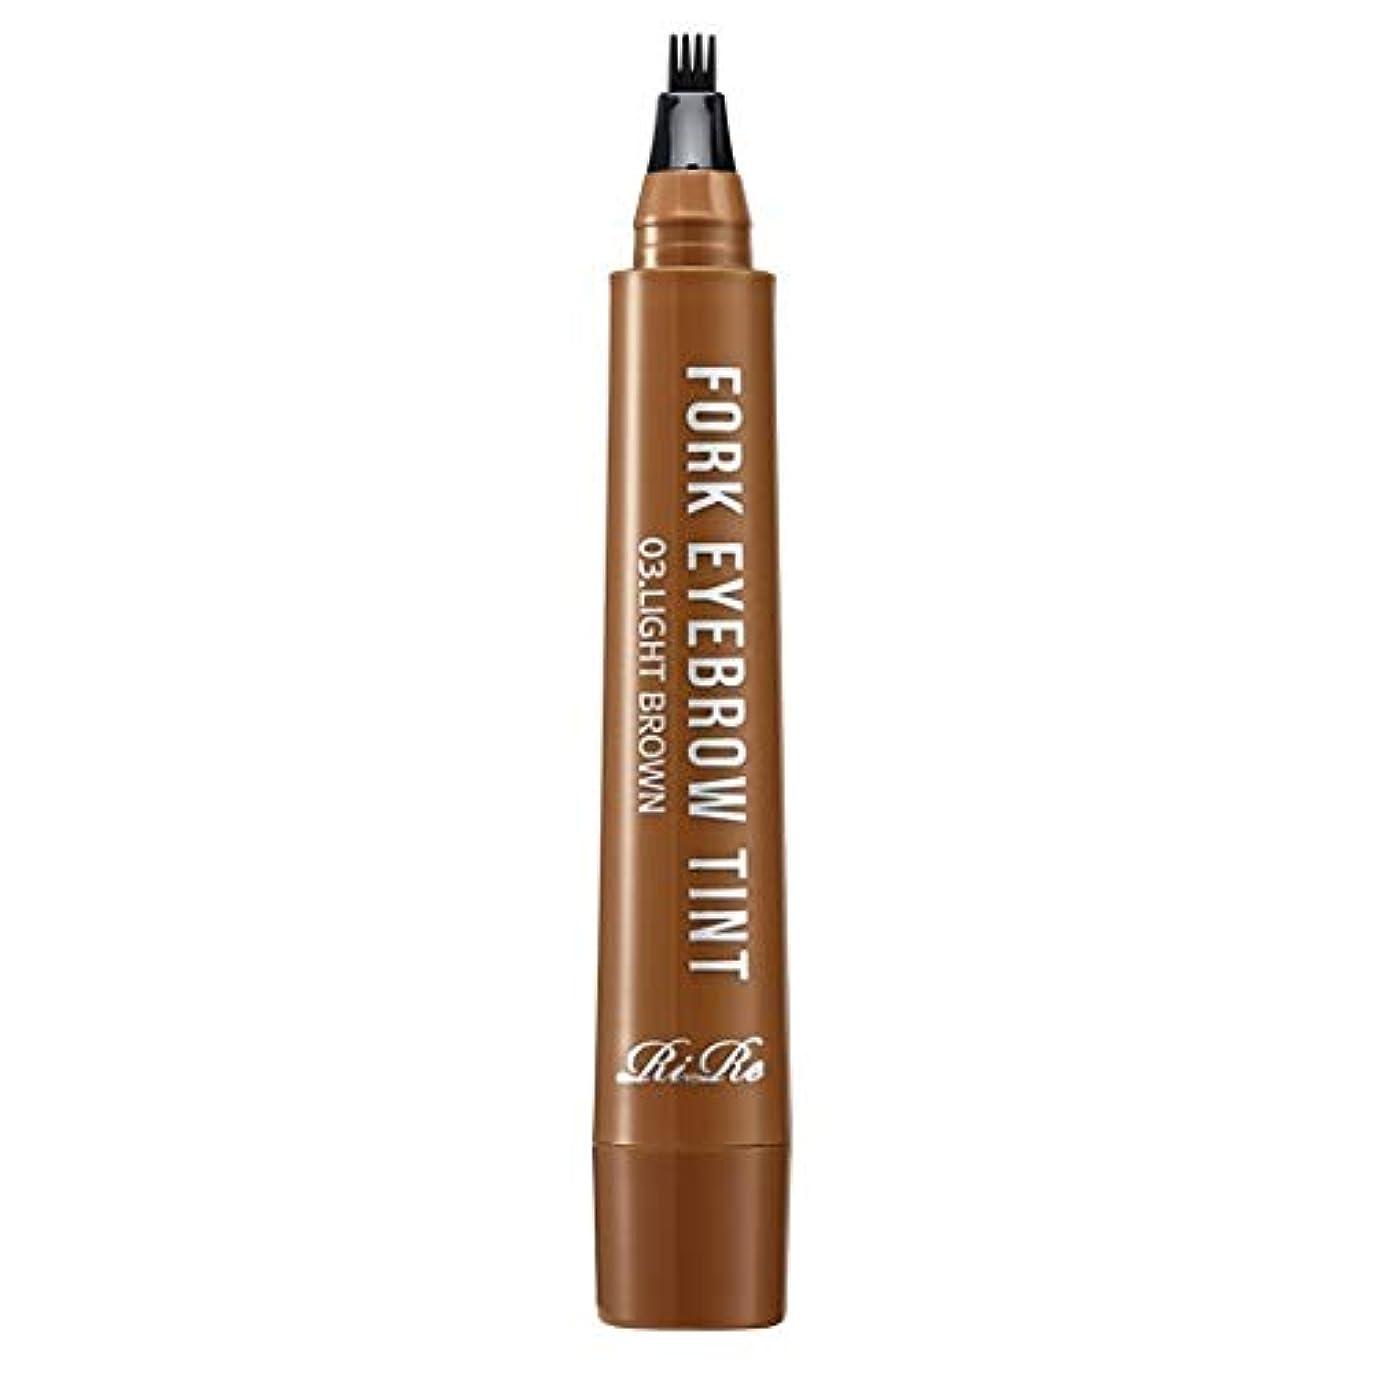 被害者ポークまでRiRe フォーク アイブロウ ティント / Fork Eyebrow Tint / 1回使用で8日持続 (3.ライトブラウン) [並行輸入品]